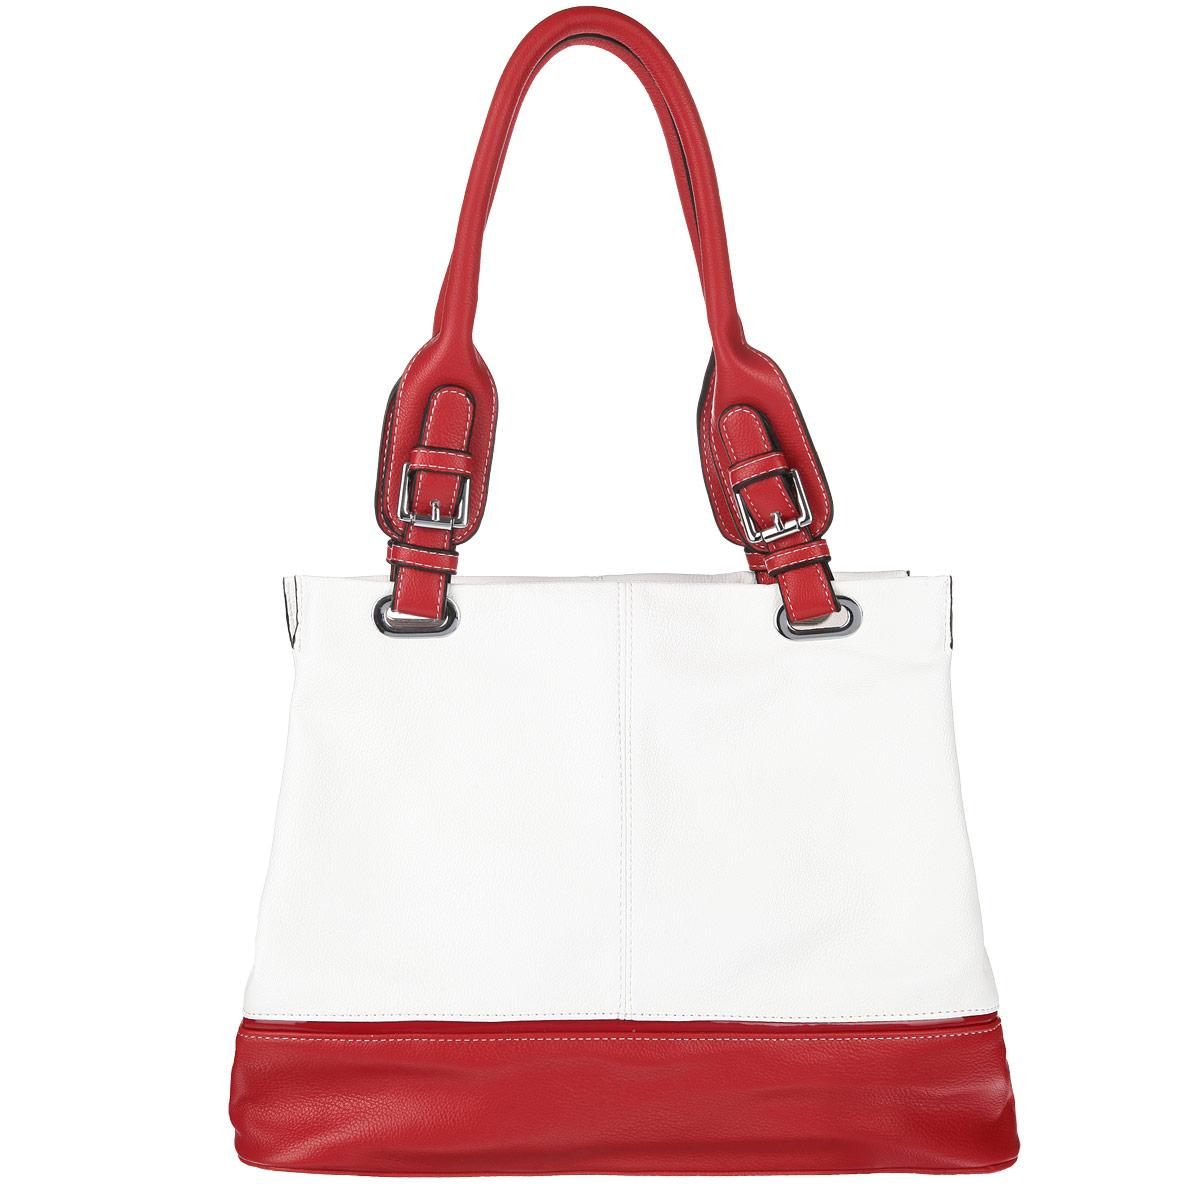 Сумка женская Leighton, цвет: белый, красный. 510264-1070KV996OPY/MЖенская сумка Leighton выполнена из высококачественной искусственной кожи. Модель содержит три отделения, среднее закрывается на застежку-молнию, два боковых на магнитные кнопки. Среднее отделение внутри содержит втачной карман на застежке-молнии и два накладных кармашка. Задняя сторона дополнена врезным карманом на застежке-молнии. Сумка оснащена двумя удобными ручками. Дно защищено металлическими ножками, обеспечивающими дополнительную устойчивость.Изысканный декор, стильная фурнитура, классическая форма в сочетании с вместительностью и удобством делают эту модель прекрасным дополнением к вашему образу.